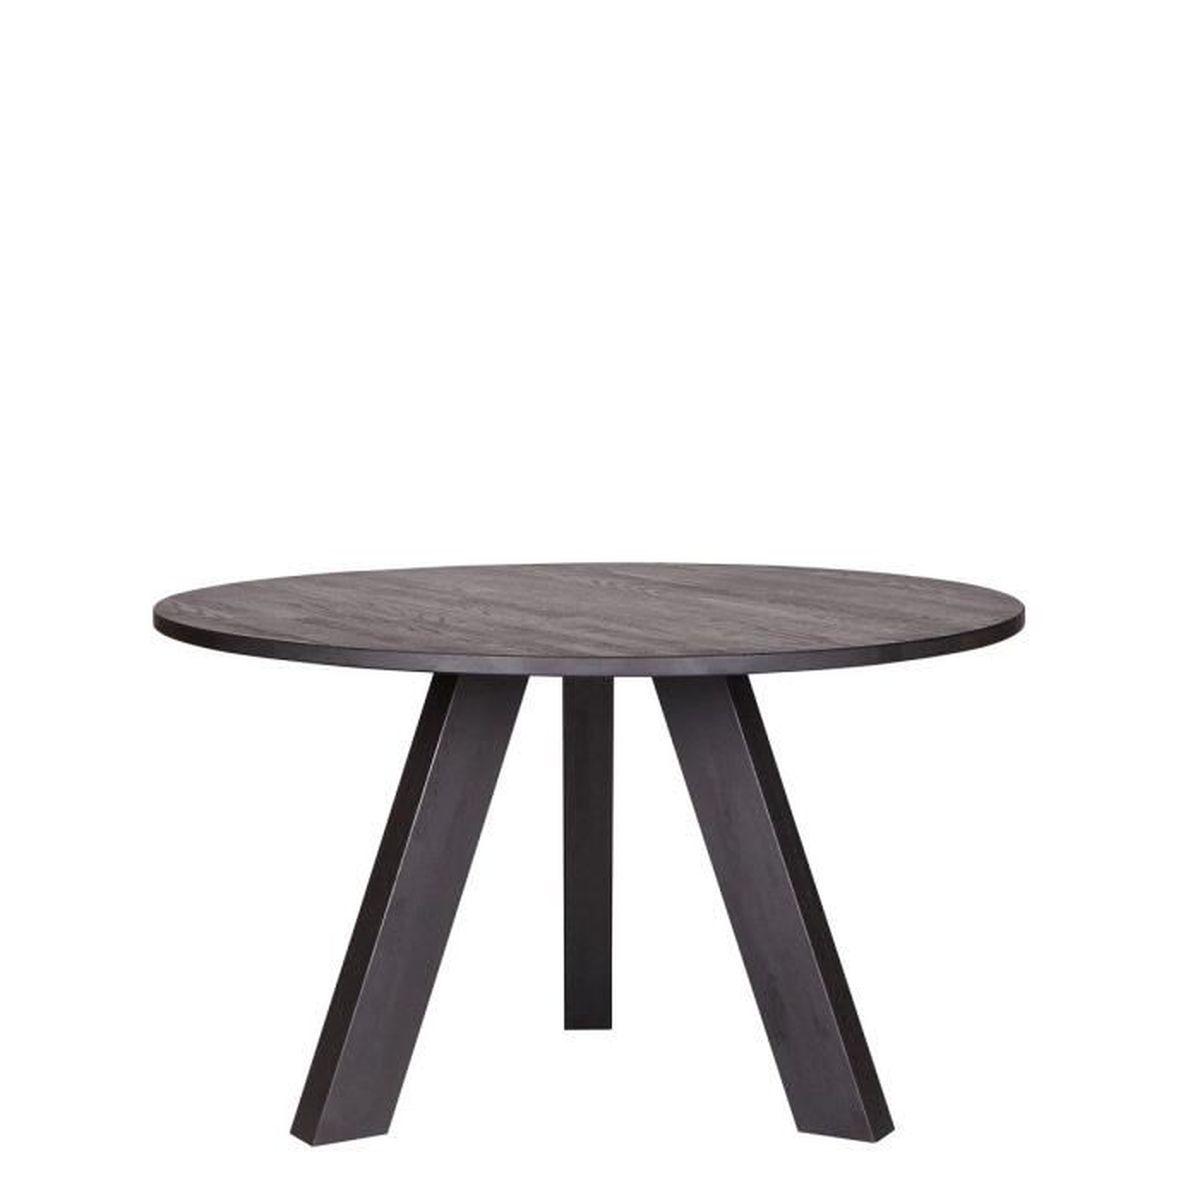 Table ronde 130cm achat vente table ronde 130cm pas cher cdiscount - Table ronde cdiscount ...